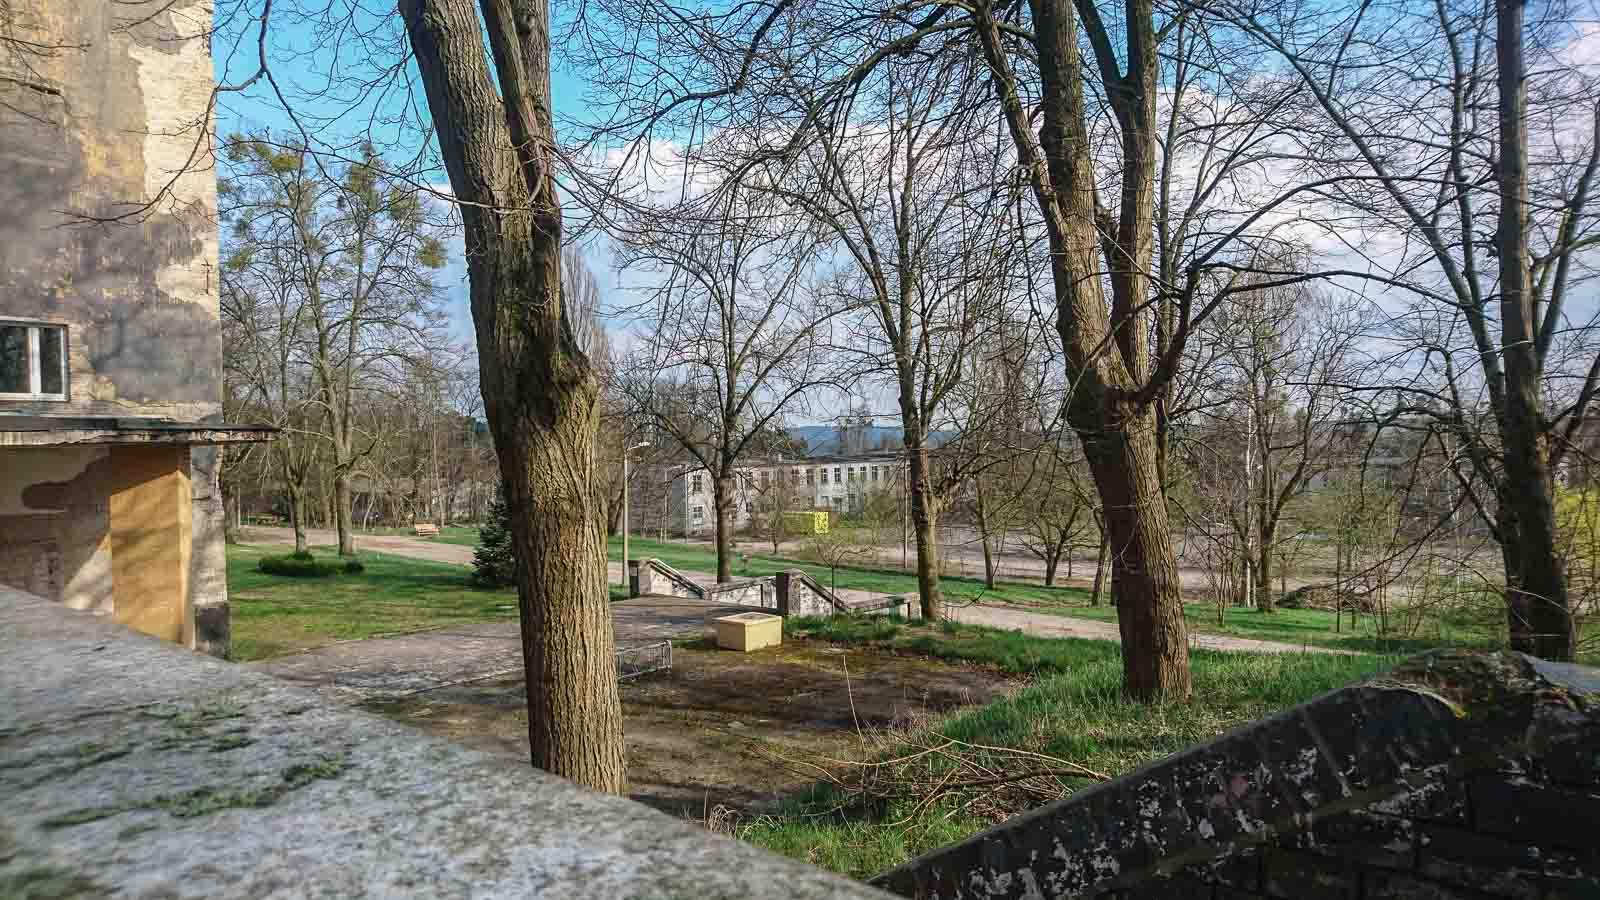 friedensstadt sowjetische garnison glau blankensee